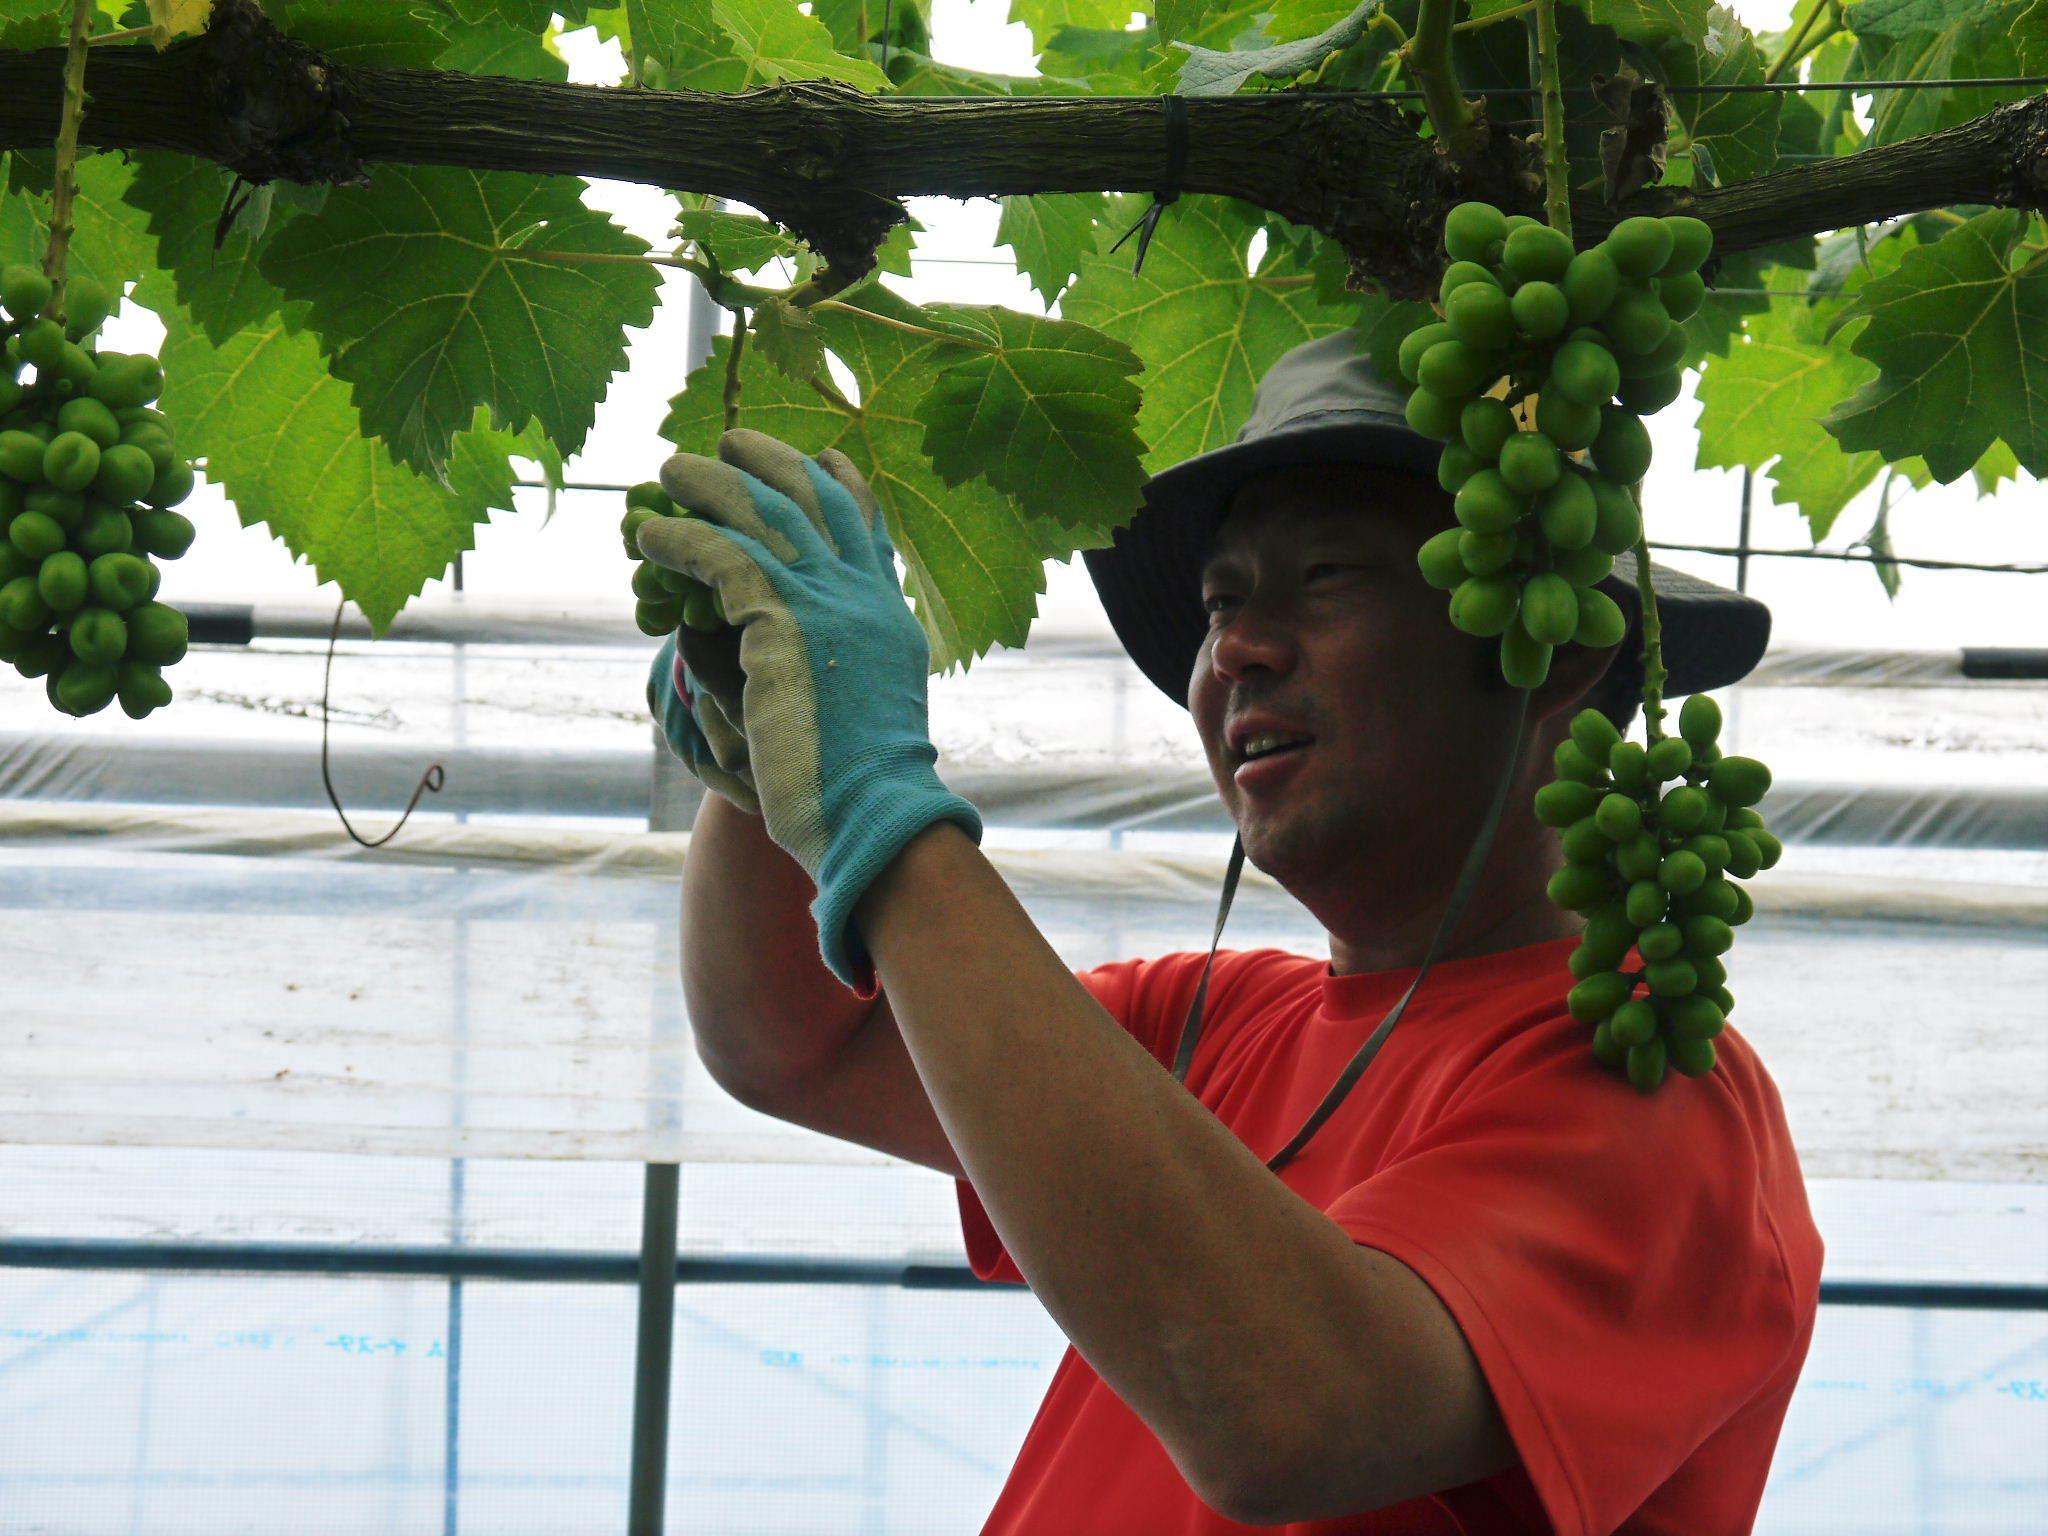 熊本ぶどう 社方園 今年(2020年)は例年以上の大粒に仕上げるべく摘粒作業が行われています(後編)_a0254656_17292465.jpg